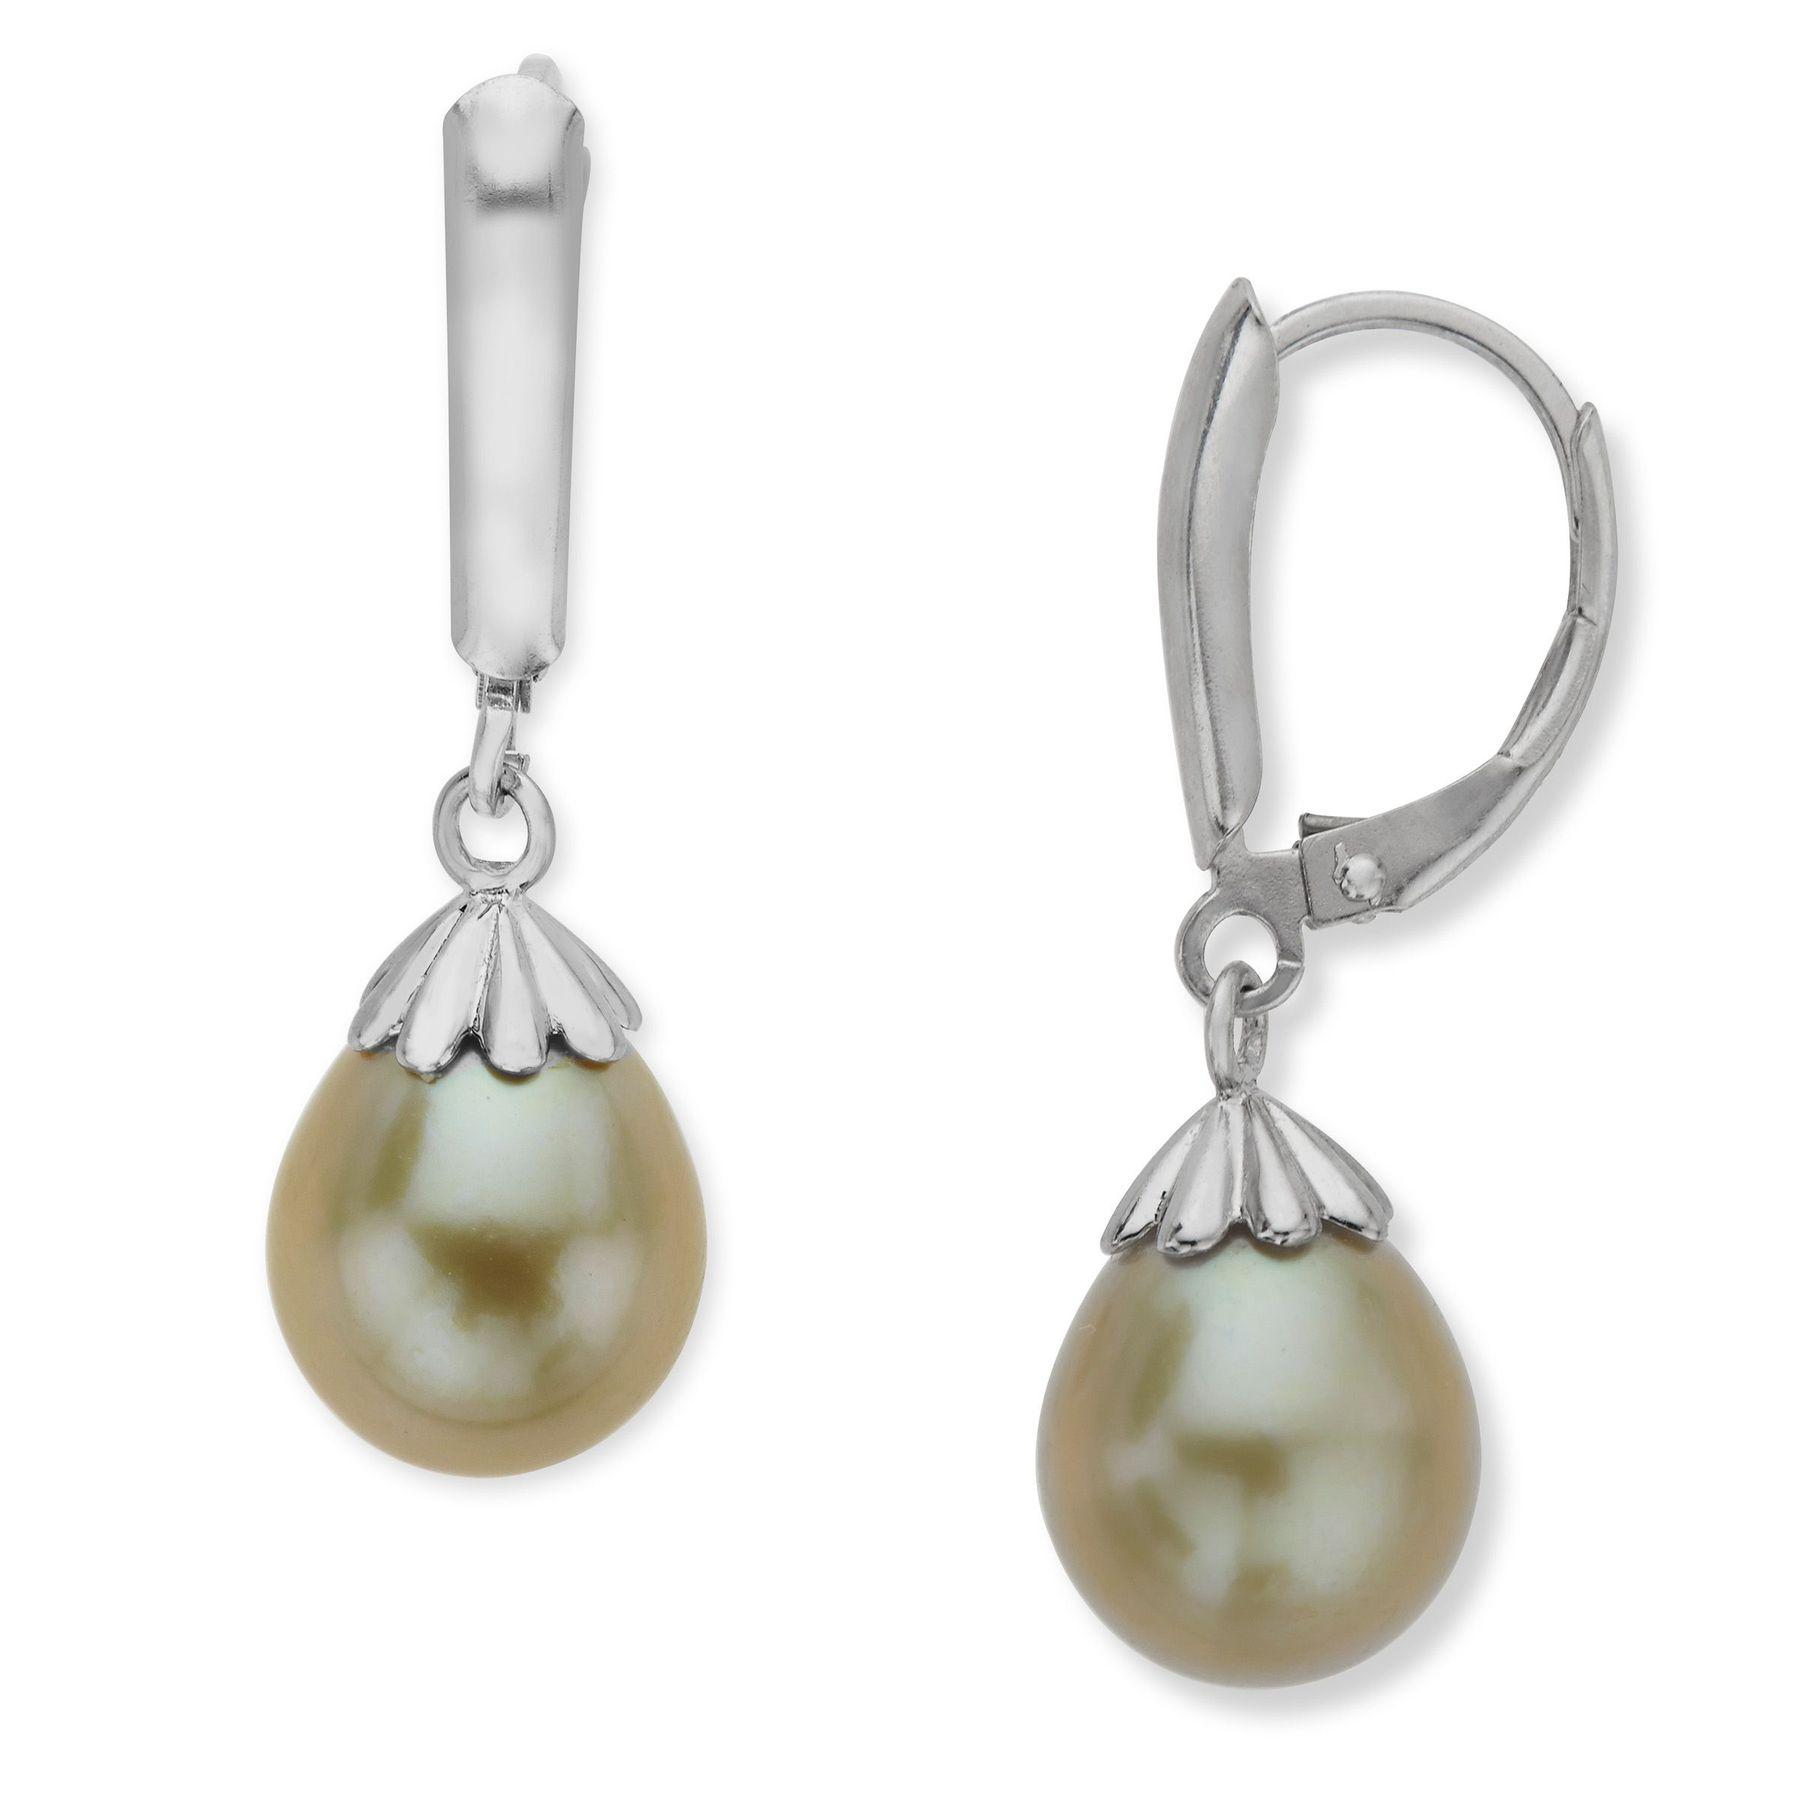 9 5mm Kiwi Pearl Drop Earrings